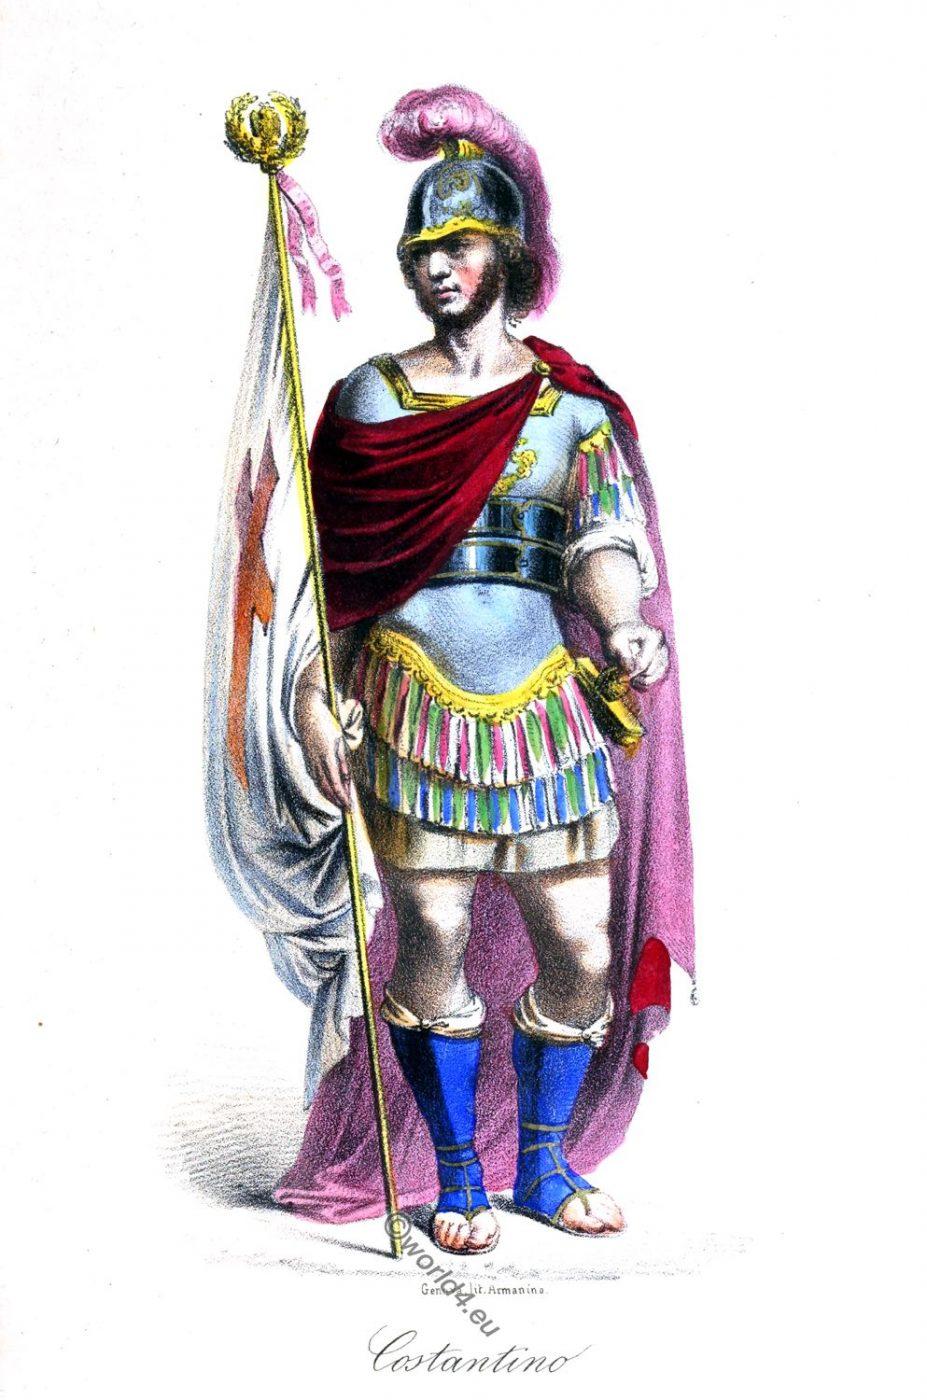 Flavius Valerius Constantinus, Costantino, Rome, ancient, Roman Emperor, history, costume, clothing